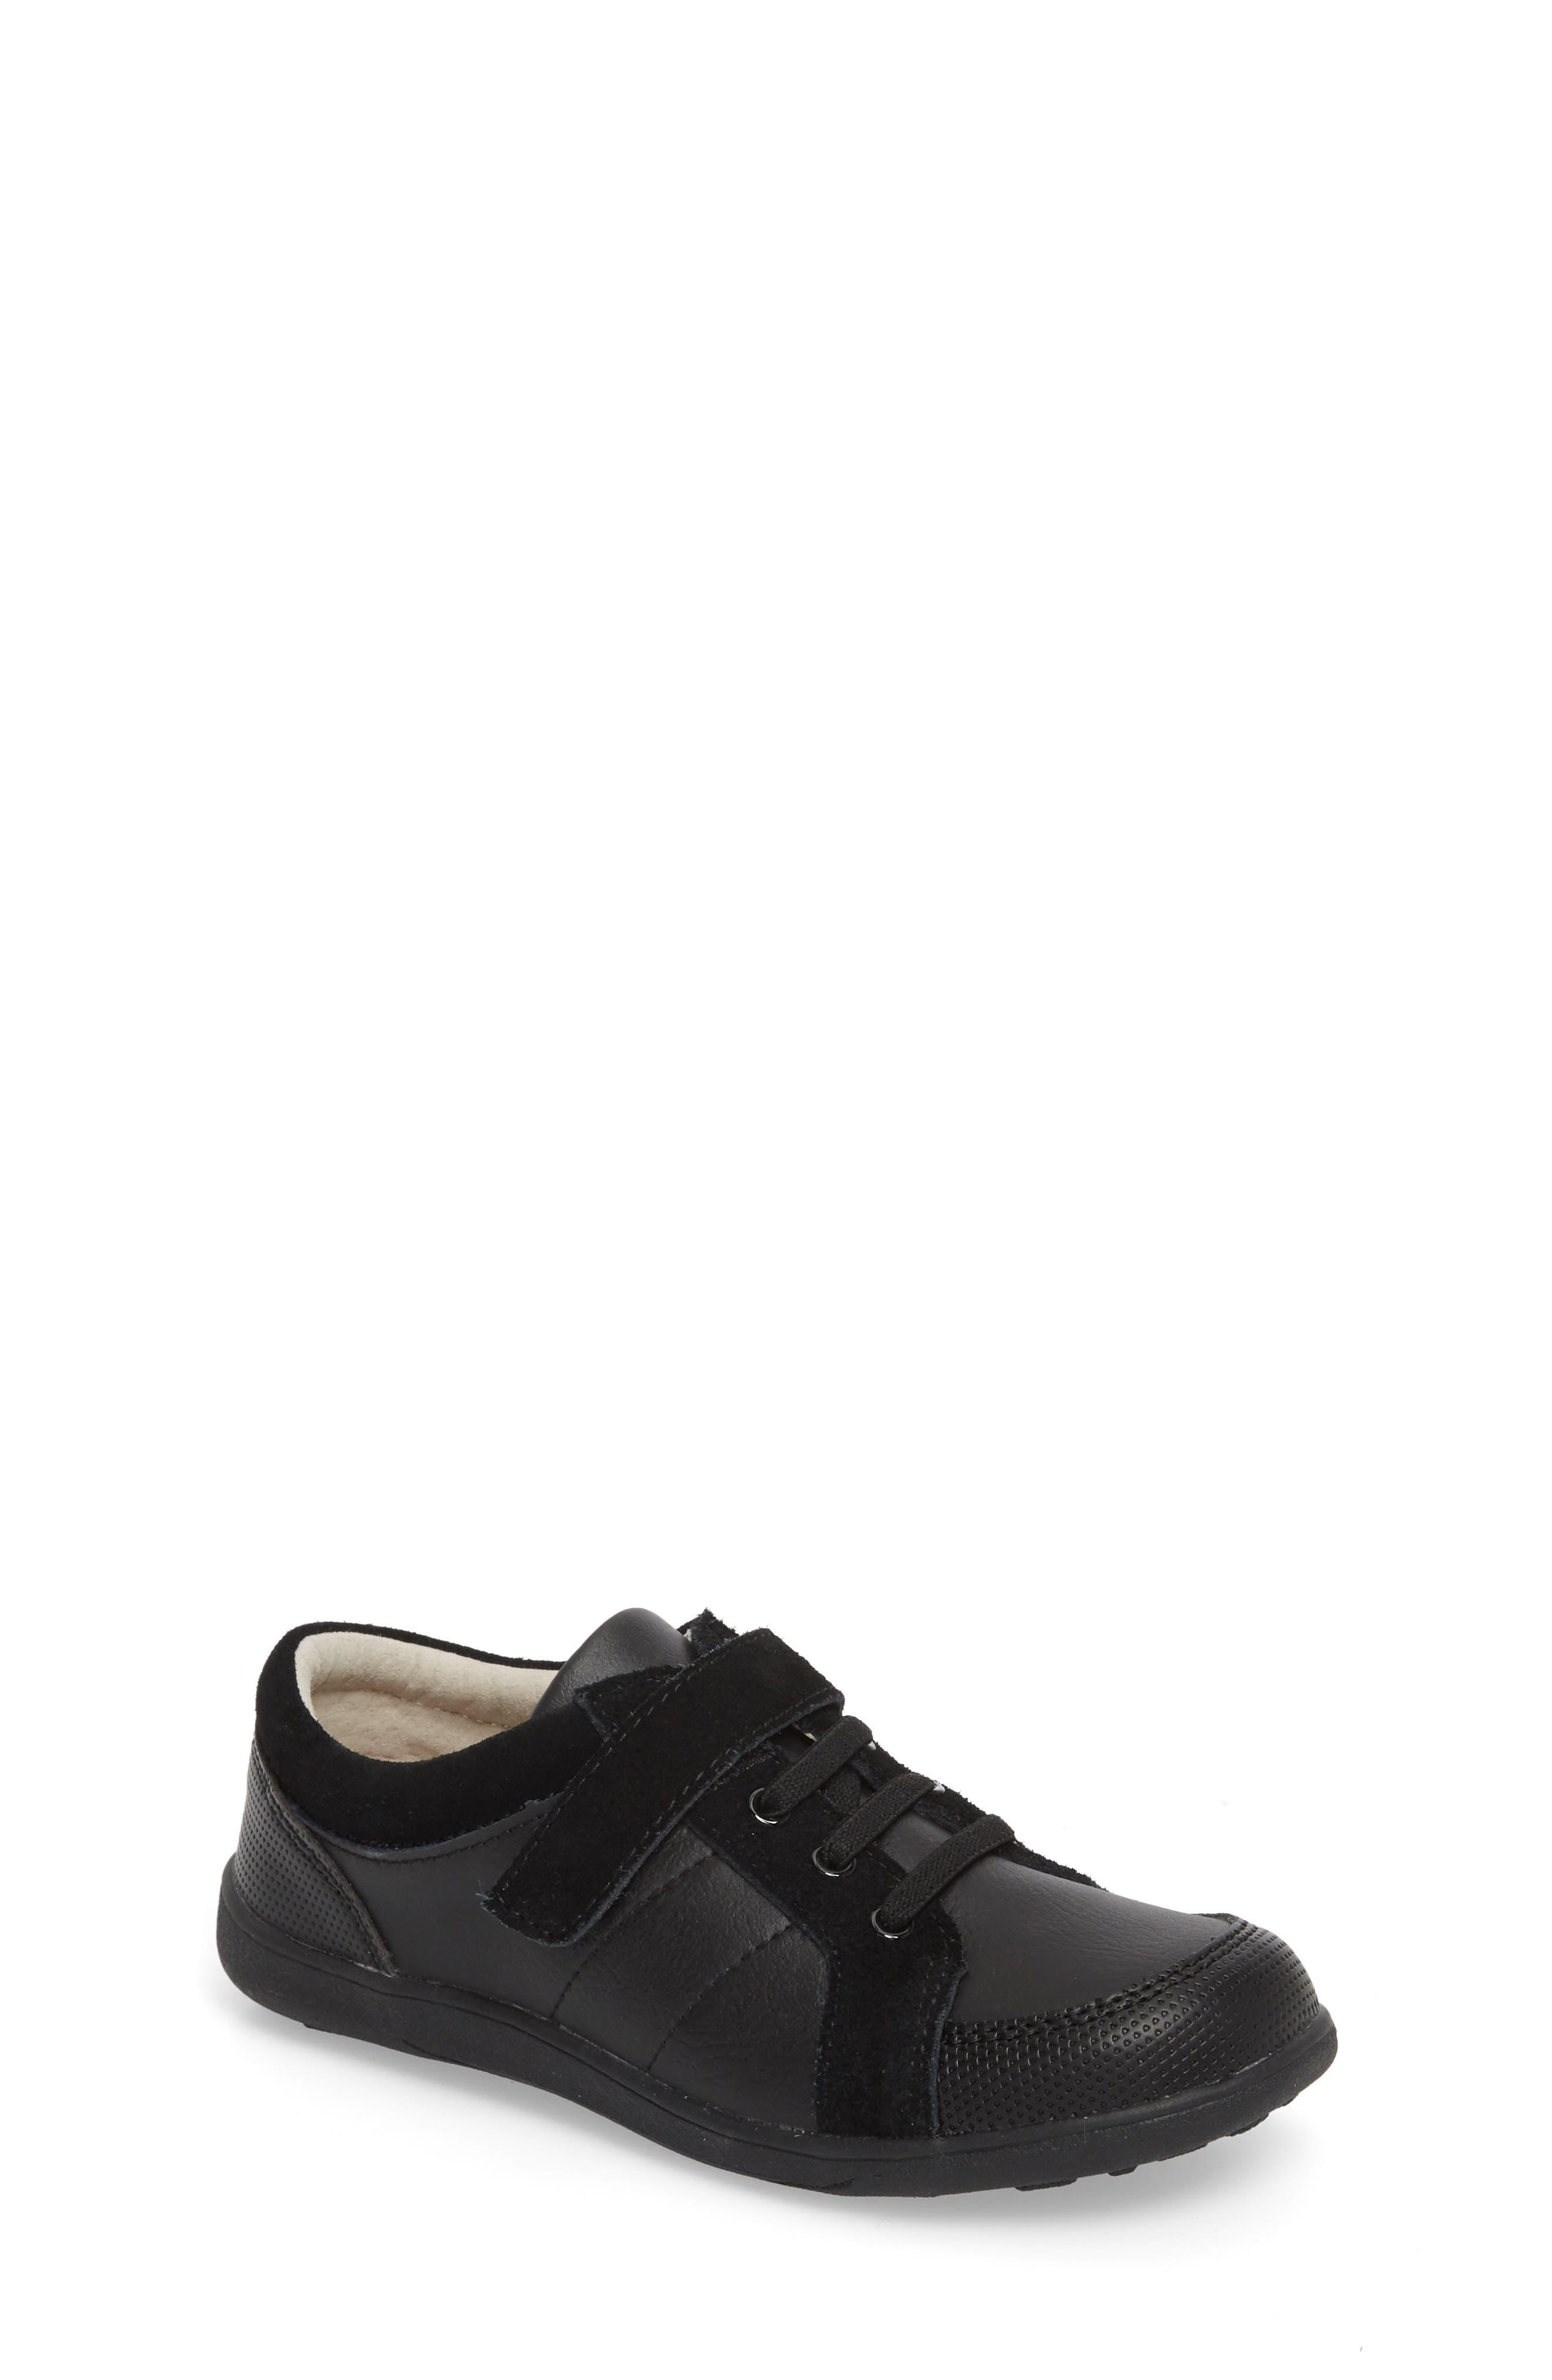 Randal III Sneaker,                             Main thumbnail 1, color,                             Black